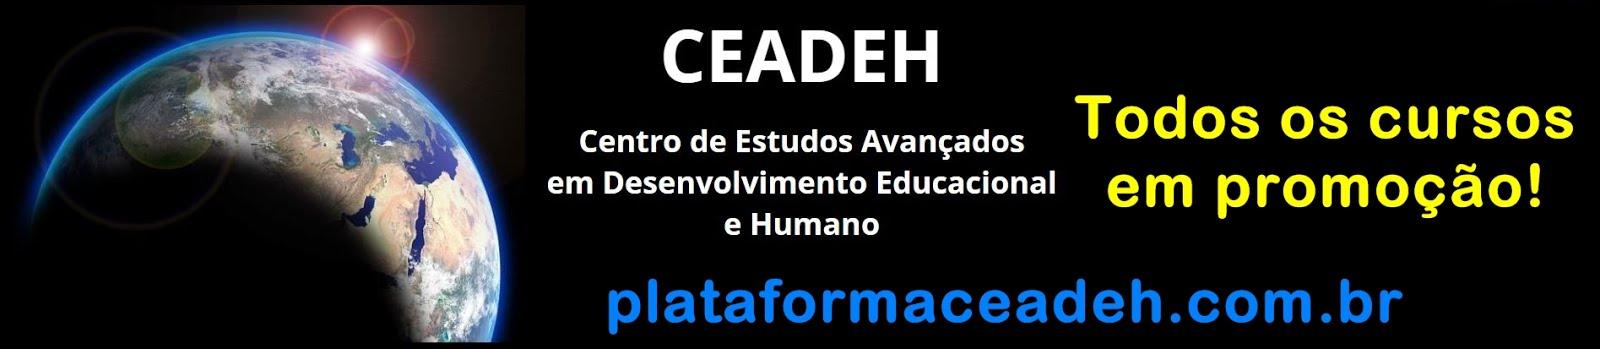 Clique na imagem para acessar os cursos do CEADEH